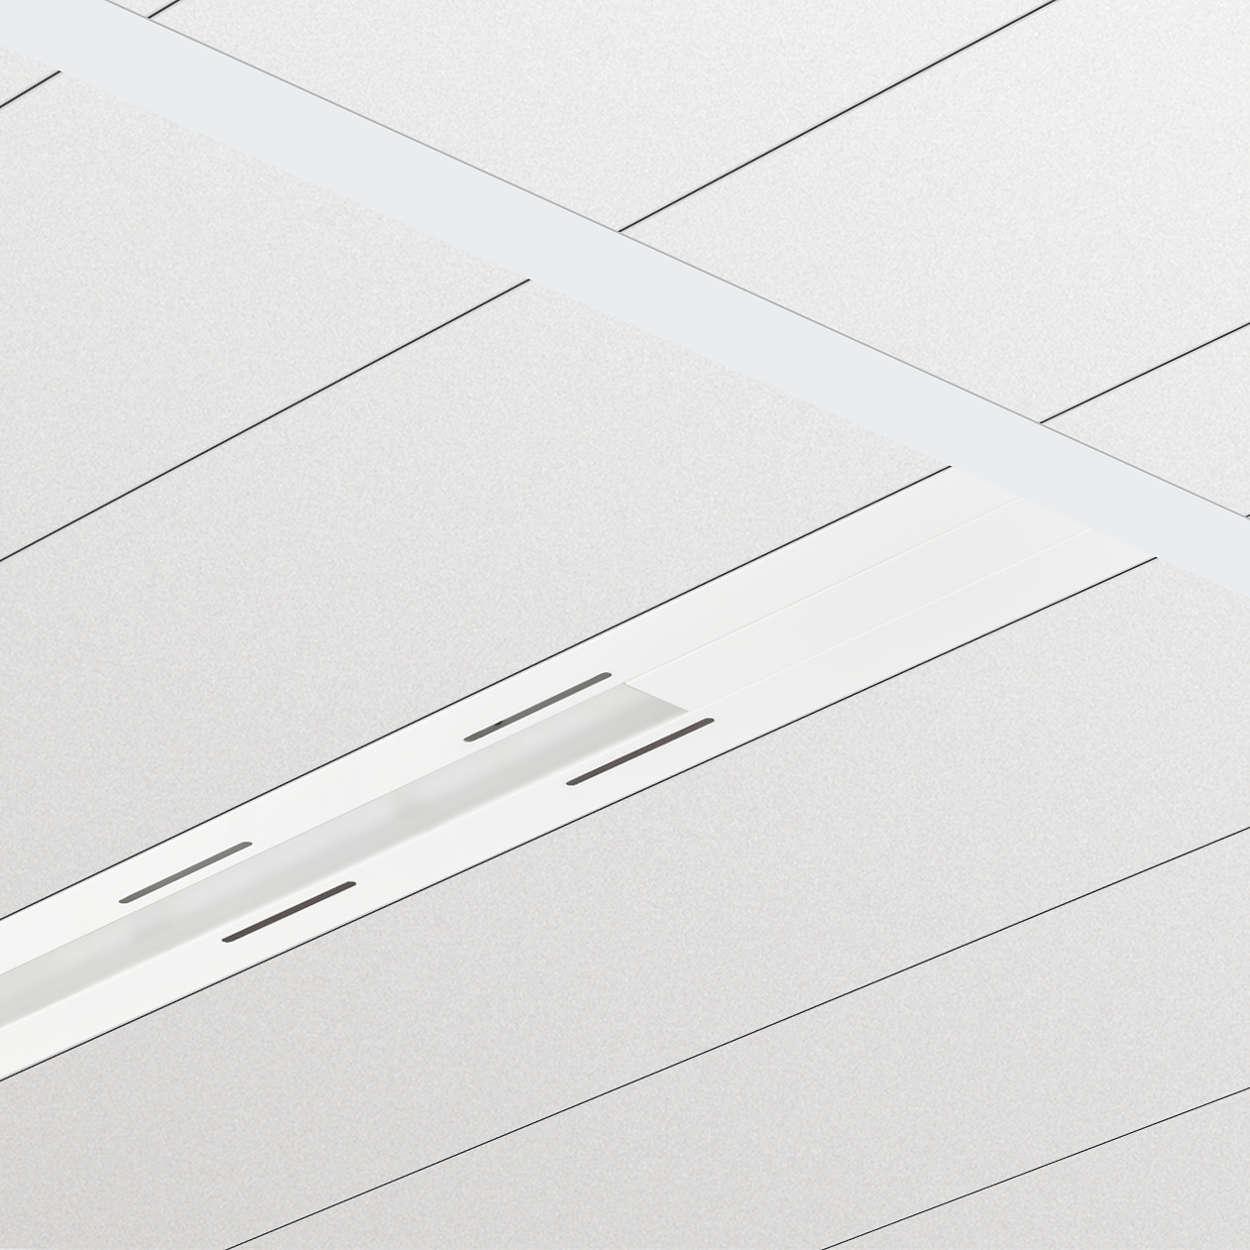 TrueLine, inbouw - Een echte lichtlijn: elegant, energiezuinig en in overeenstemming met kantoorverlichtingsnormen